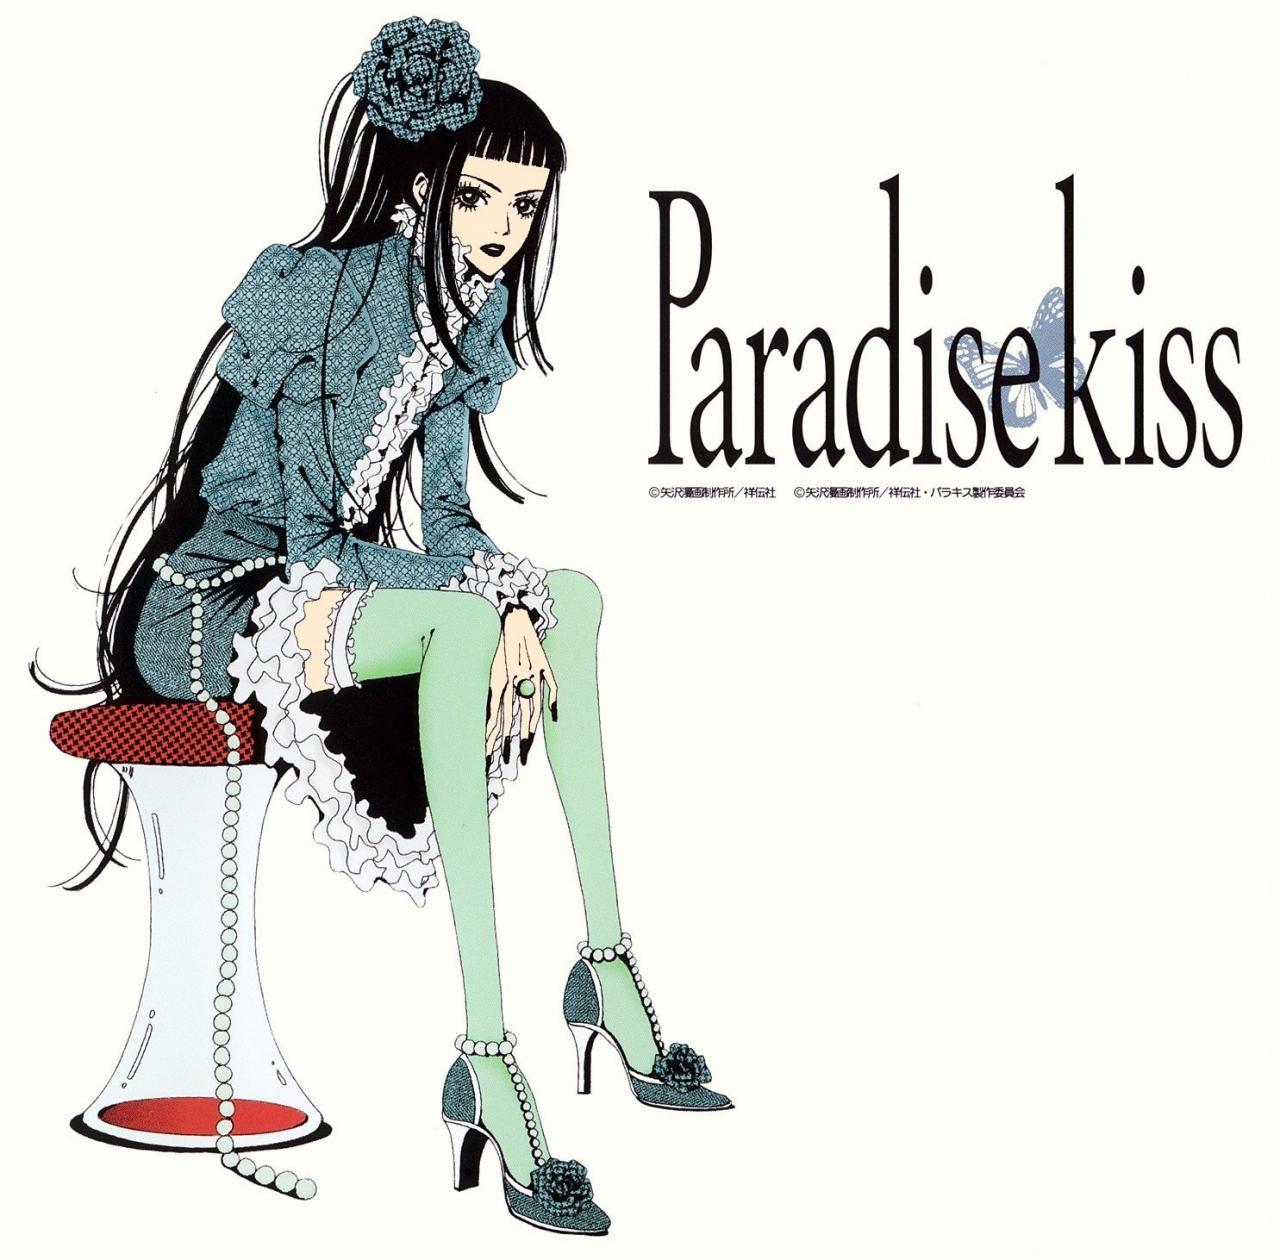 paradisekiss3.jpg